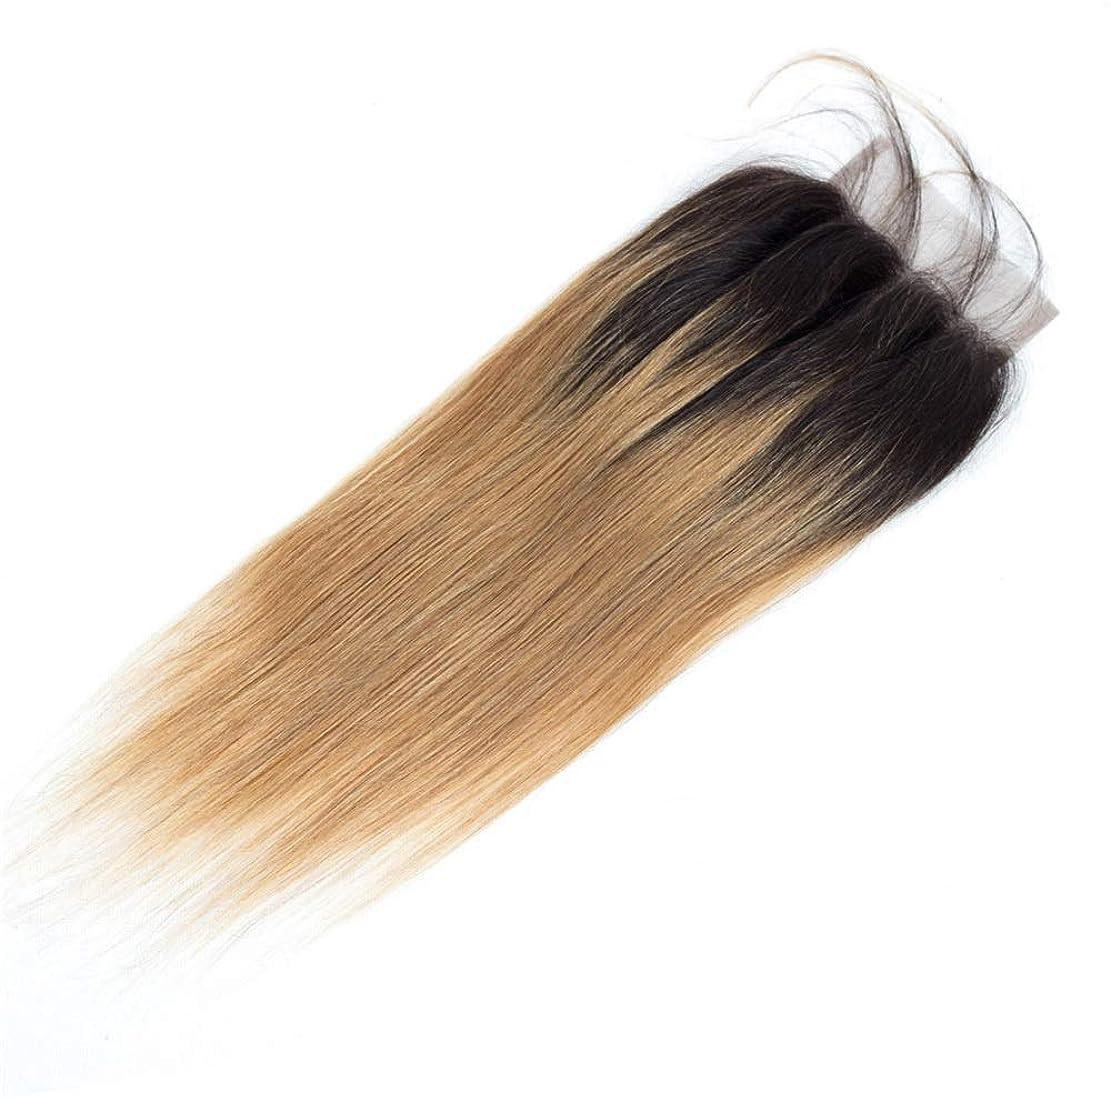 荒涼としたパスタ虎BOBIDYEE 実体波ブラジルの人間の髪の毛のレース前頭閉鎖カラー1B / 27黒から耳に茶色の耳4 x 4インチトップクロージャーロングストレートウィッグ茶色のかつら (色 : ブラウン, サイズ : 12 inch)